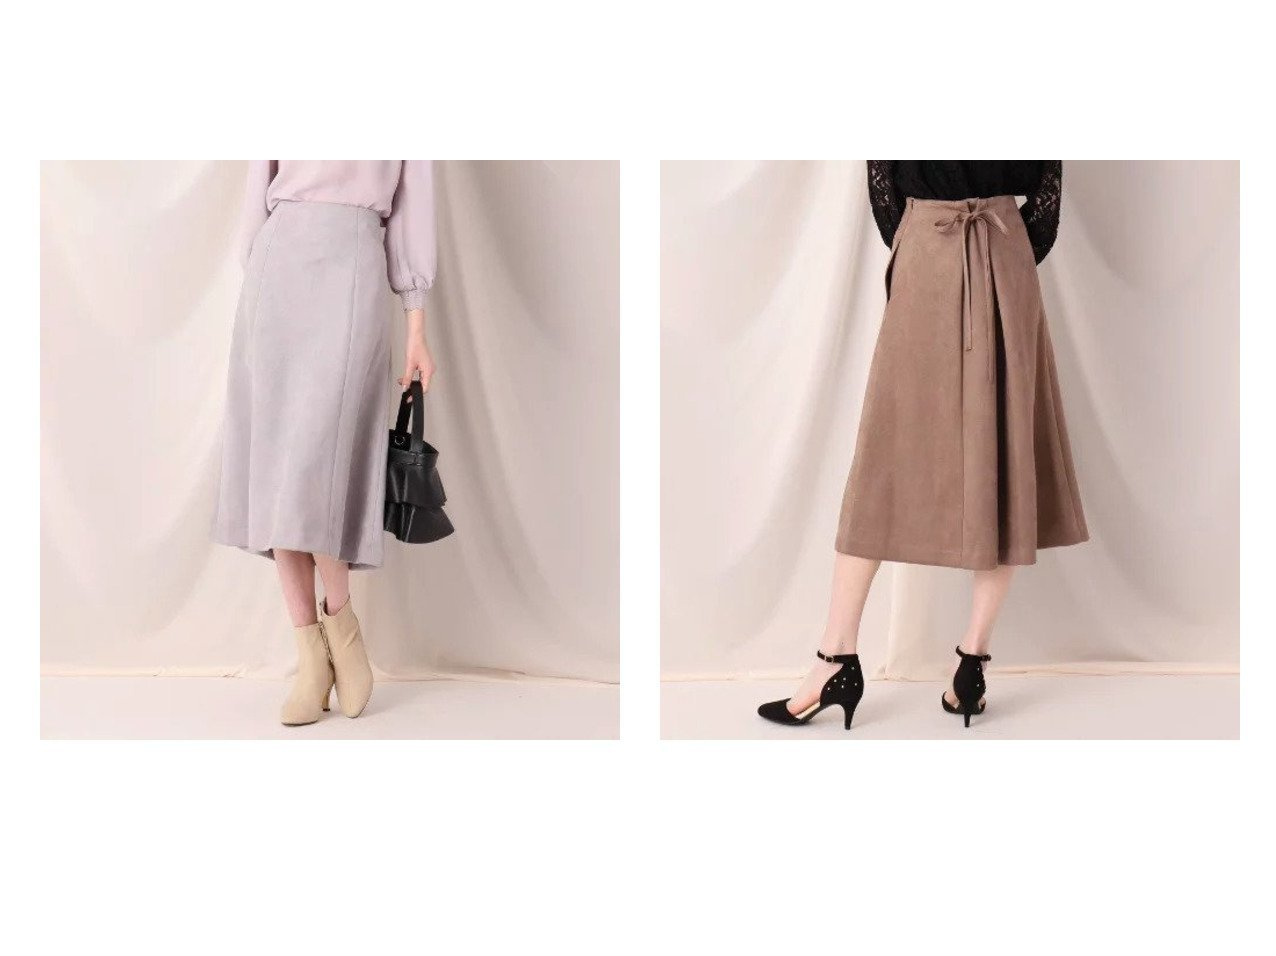 【Couture Brooch/クチュール ブローチ】のフェイクスエードサス付きスカート Couture Broochのおすすめ!人気、トレンド・レディースファッションの通販 おすすめで人気の流行・トレンド、ファッションの通販商品 メンズファッション・キッズファッション・インテリア・家具・レディースファッション・服の通販 founy(ファニー) https://founy.com/ ファッション Fashion レディースファッション WOMEN スカート Skirt サスペンダー スウェード フェイクスウェード フェミニン ポケット マーメイド リボン |ID:crp329100000018066